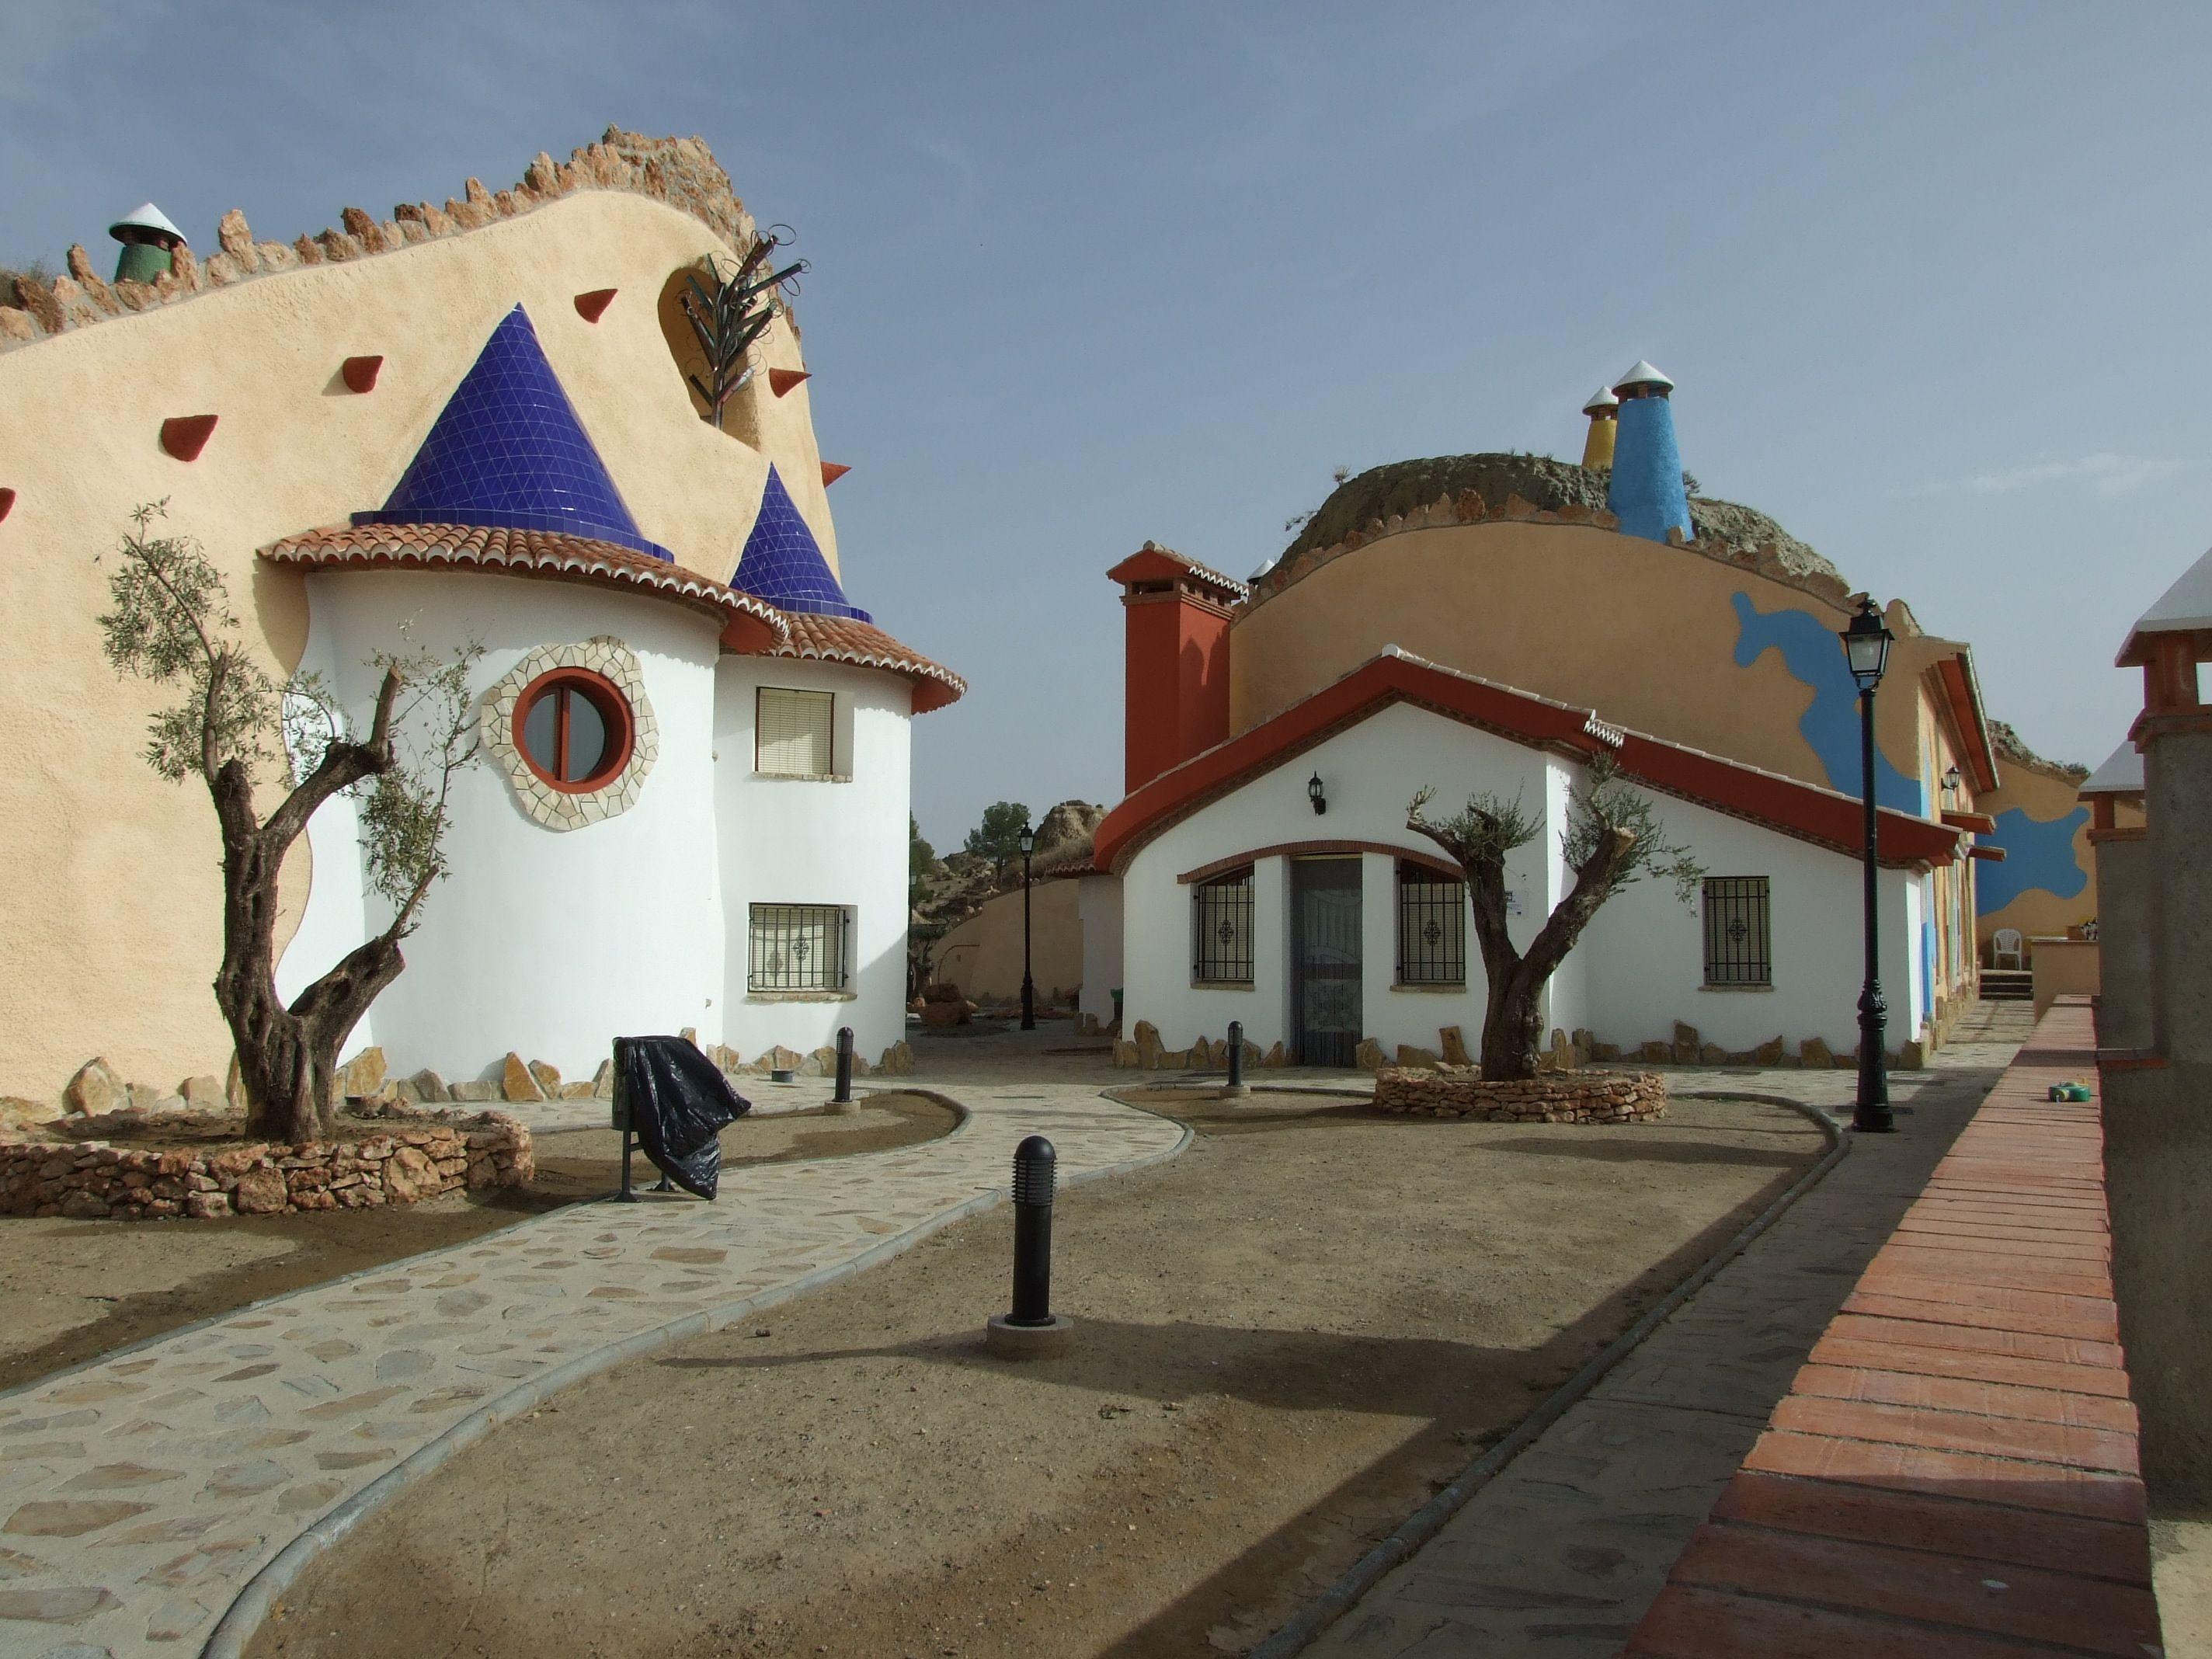 #Casas #Rustico #Exterior #Puertas #Fachada #Lamparas #Tejado #Arboles #Ventanas